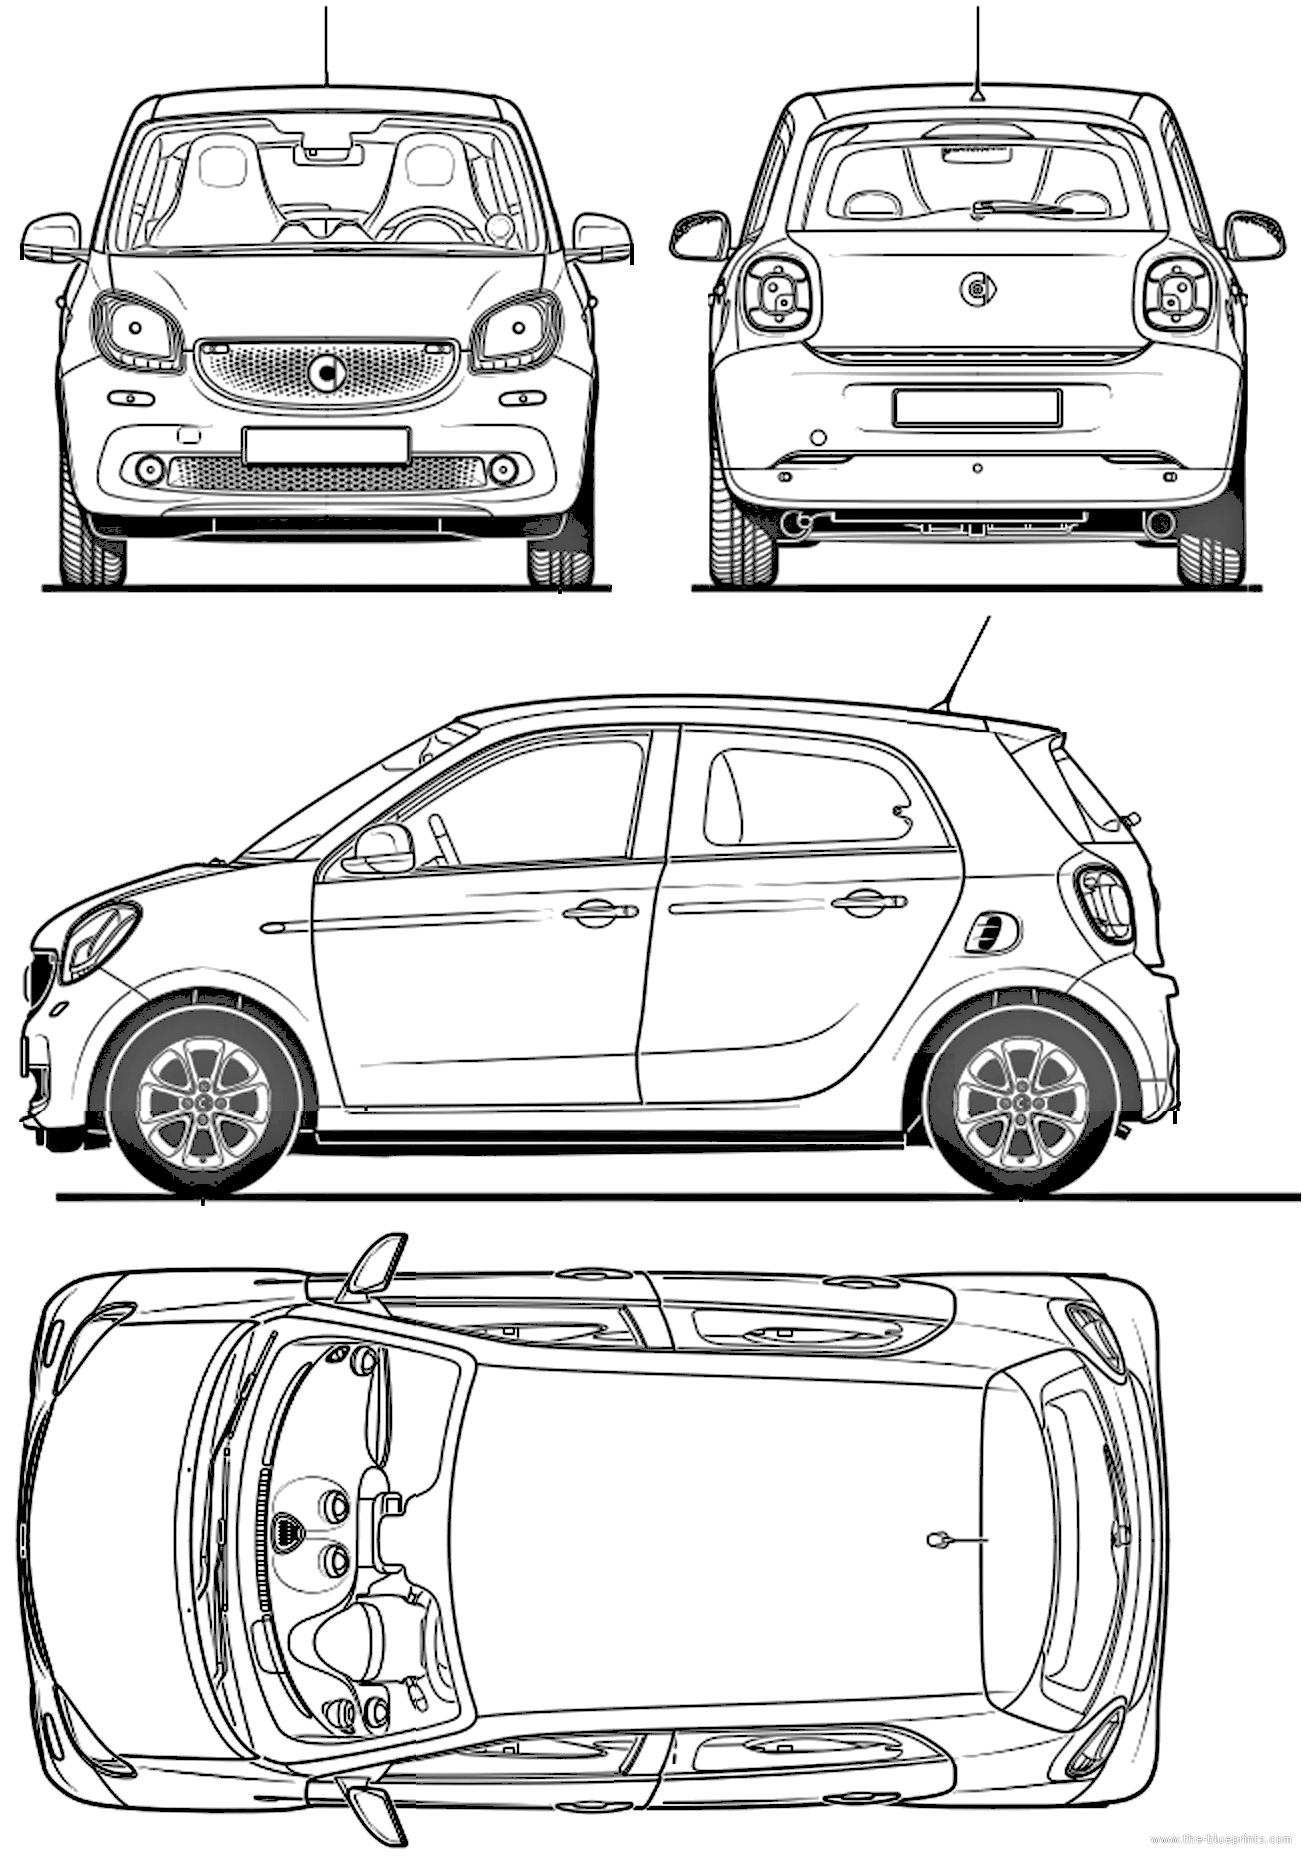 blueprints cars smart smart forfour 2014. Black Bedroom Furniture Sets. Home Design Ideas